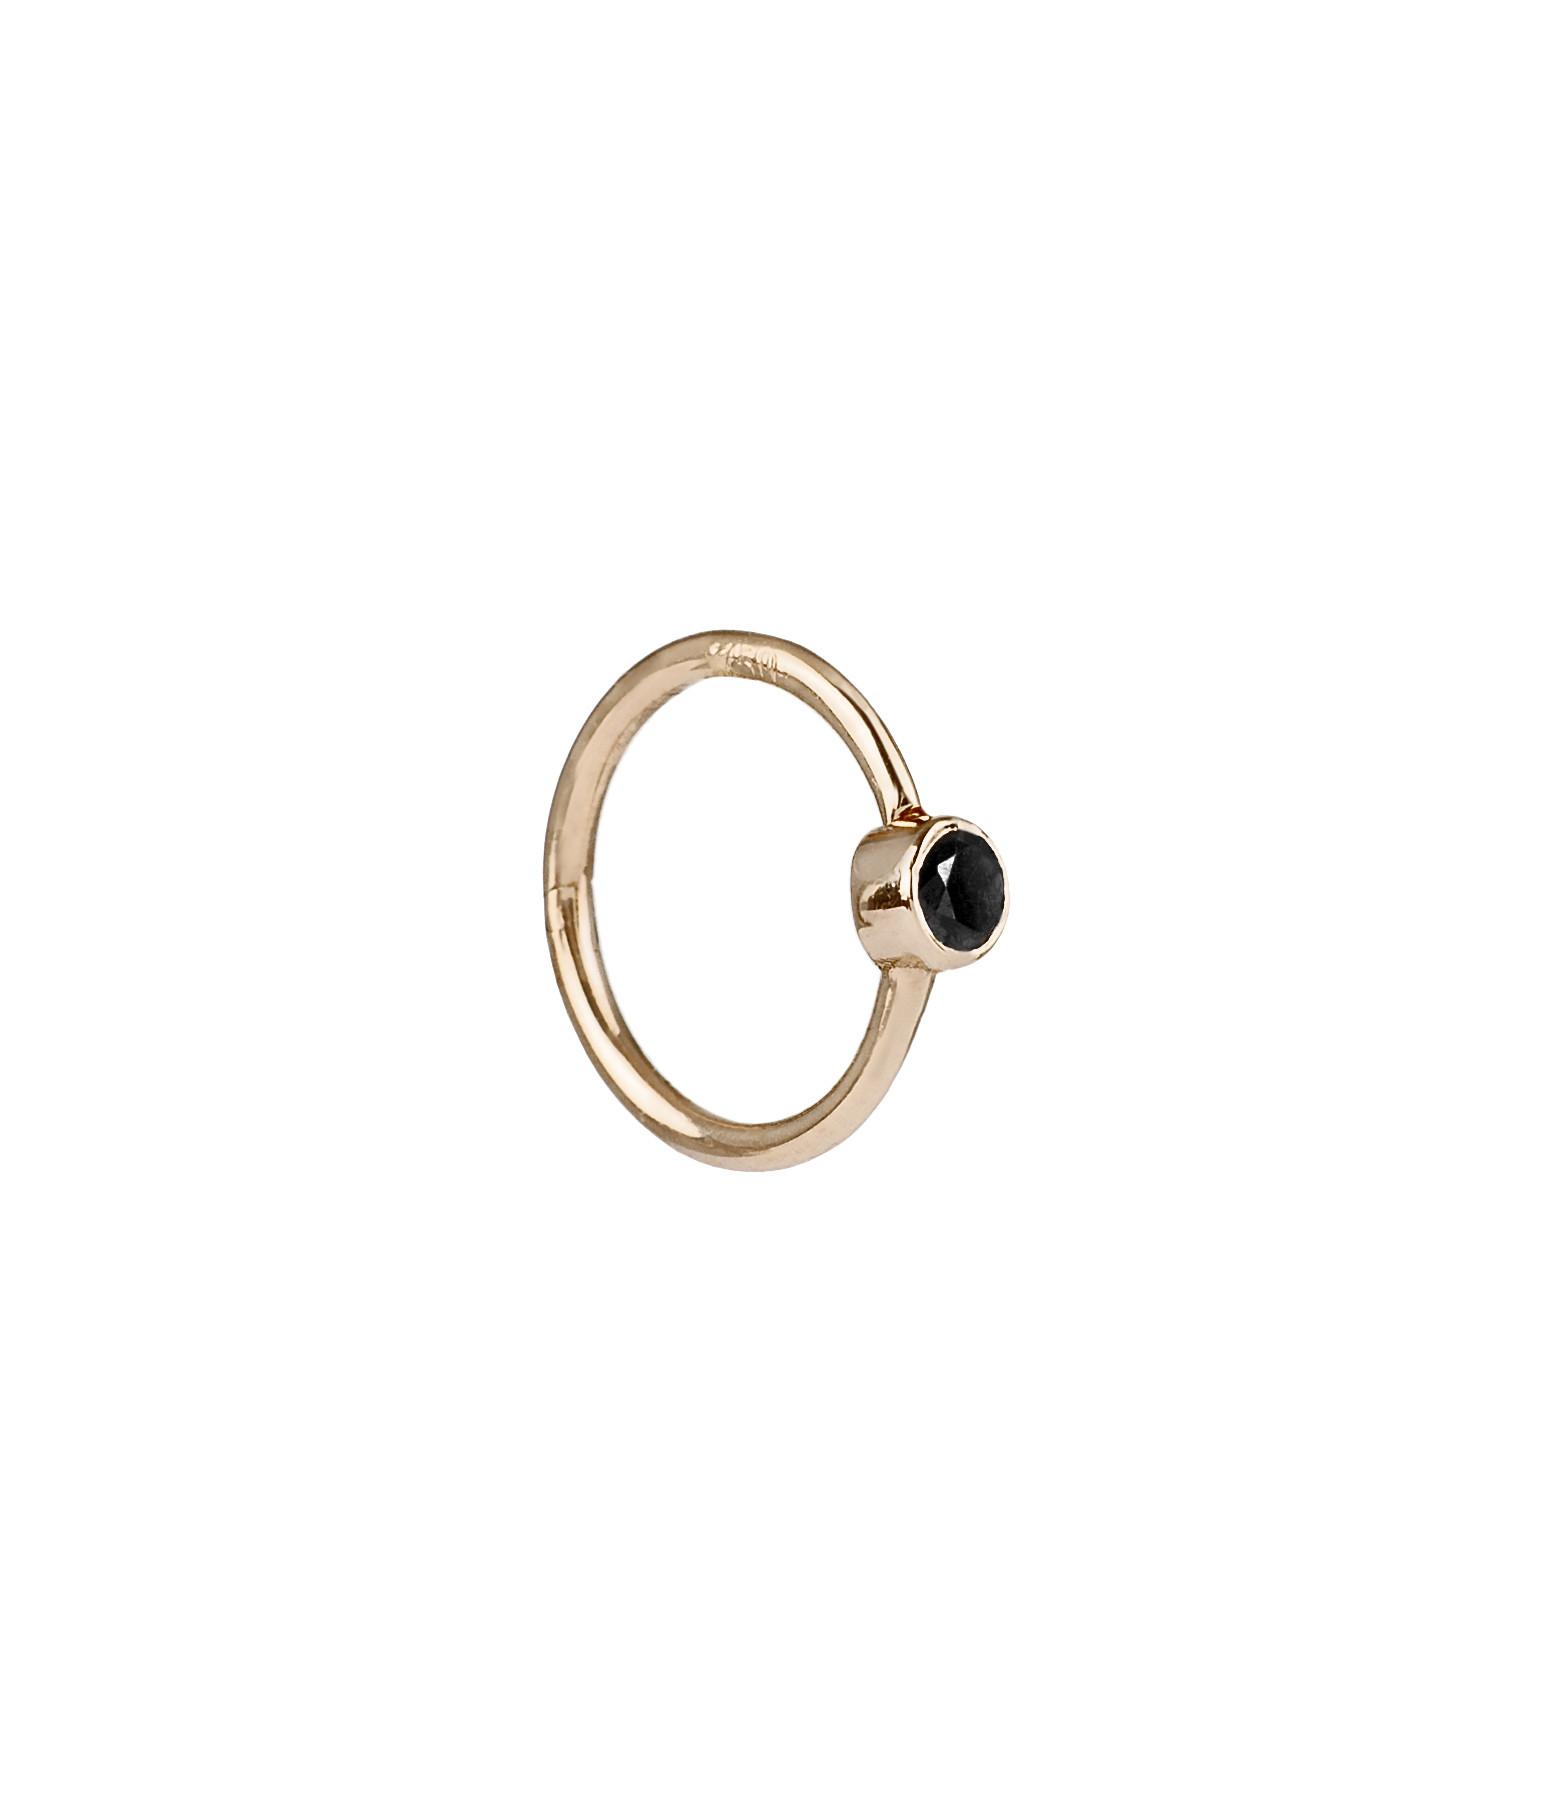 YANNIS SERGAKIS - Petite Créole Or Diamants Noirs (vendue à l'unité)